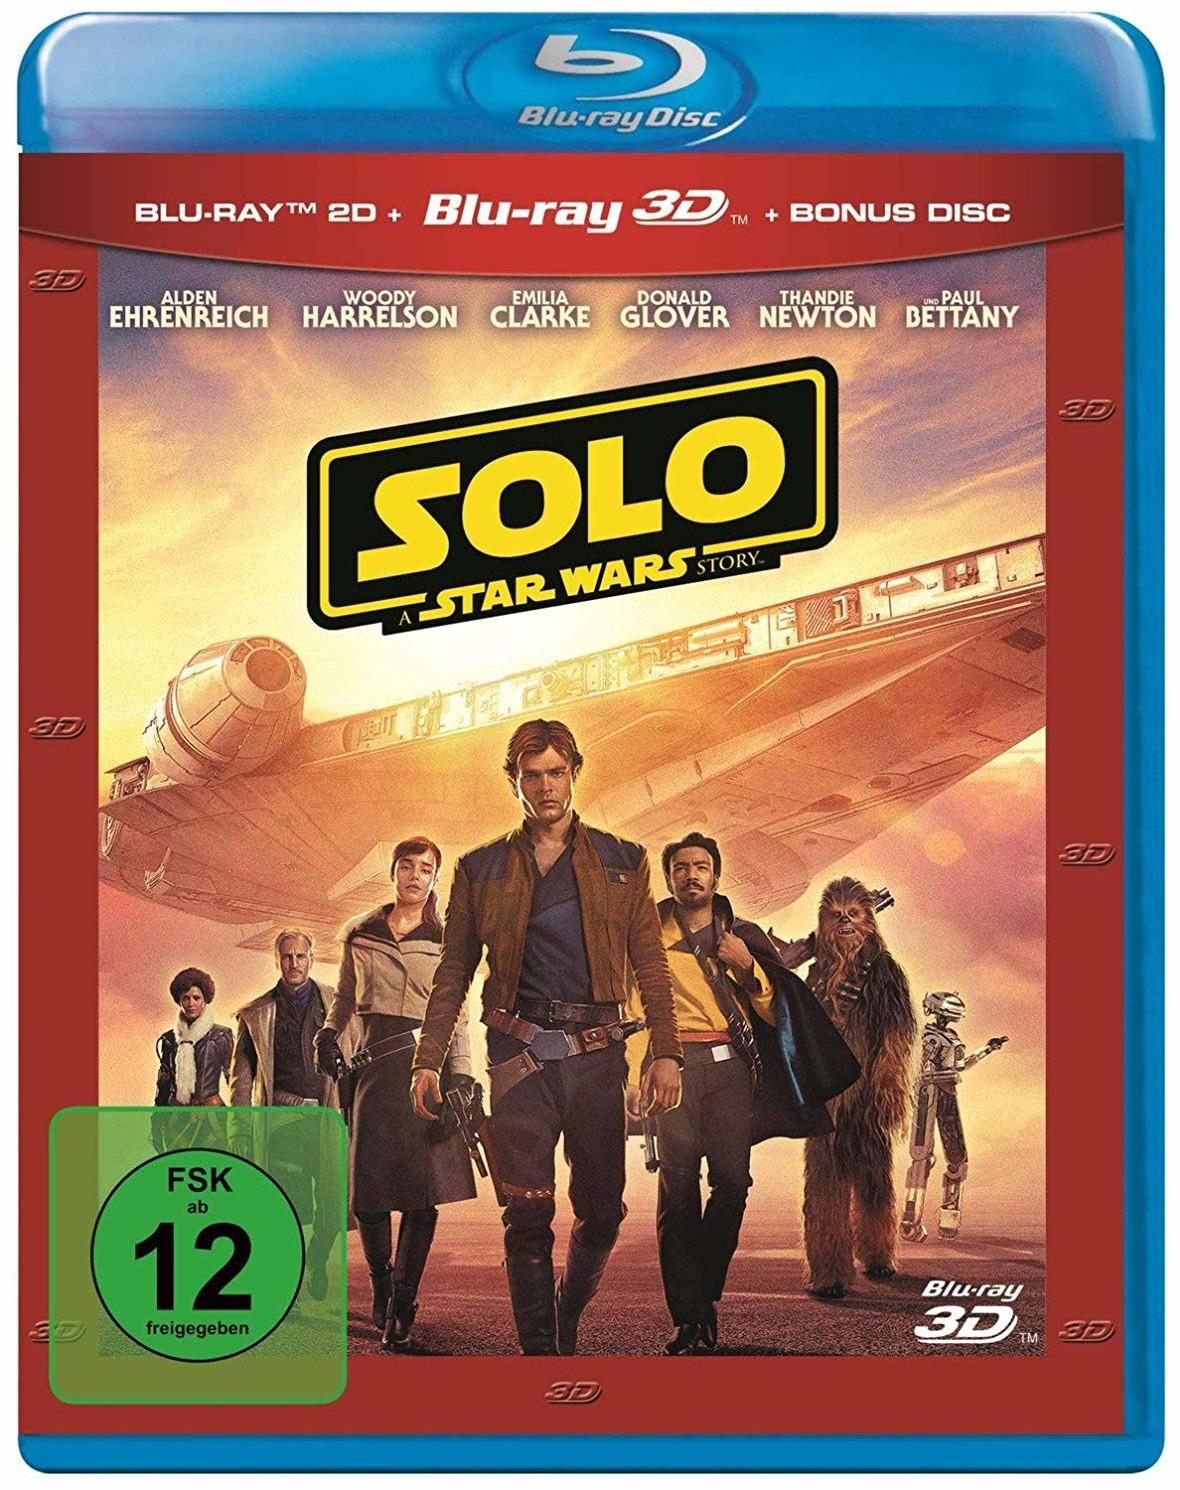 Solo: A Star Wars Story Abenteuer (3D Blu-ray) für 99 Cent für Österreicher & 10,99€ inkl. Versand nach DE (Media Markt AT)